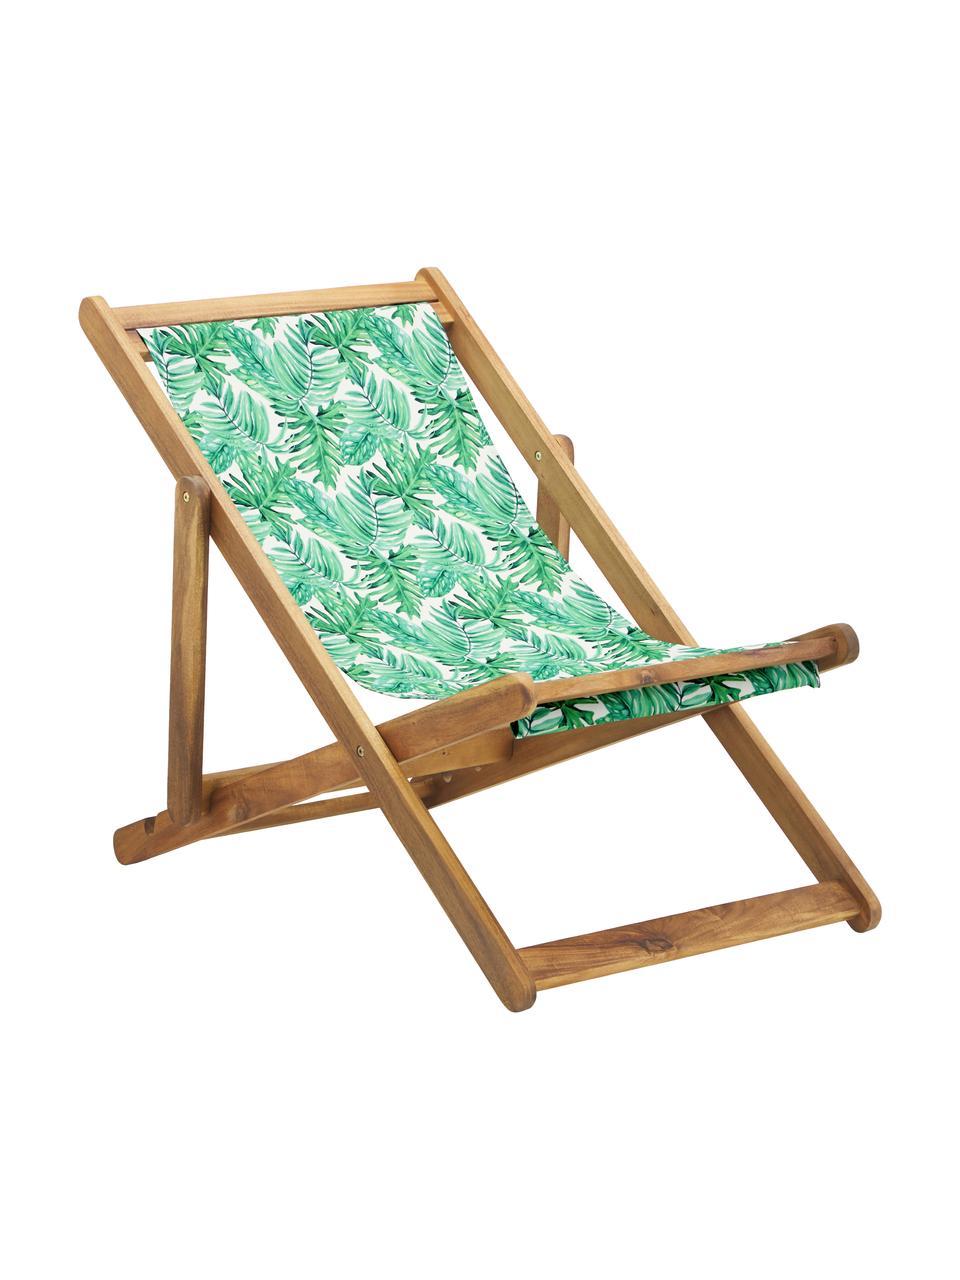 Składany leżak Zoe, Stelaż: lite drewno akacjowe, ole, Zielony, biały, S 59 x G 84 cm